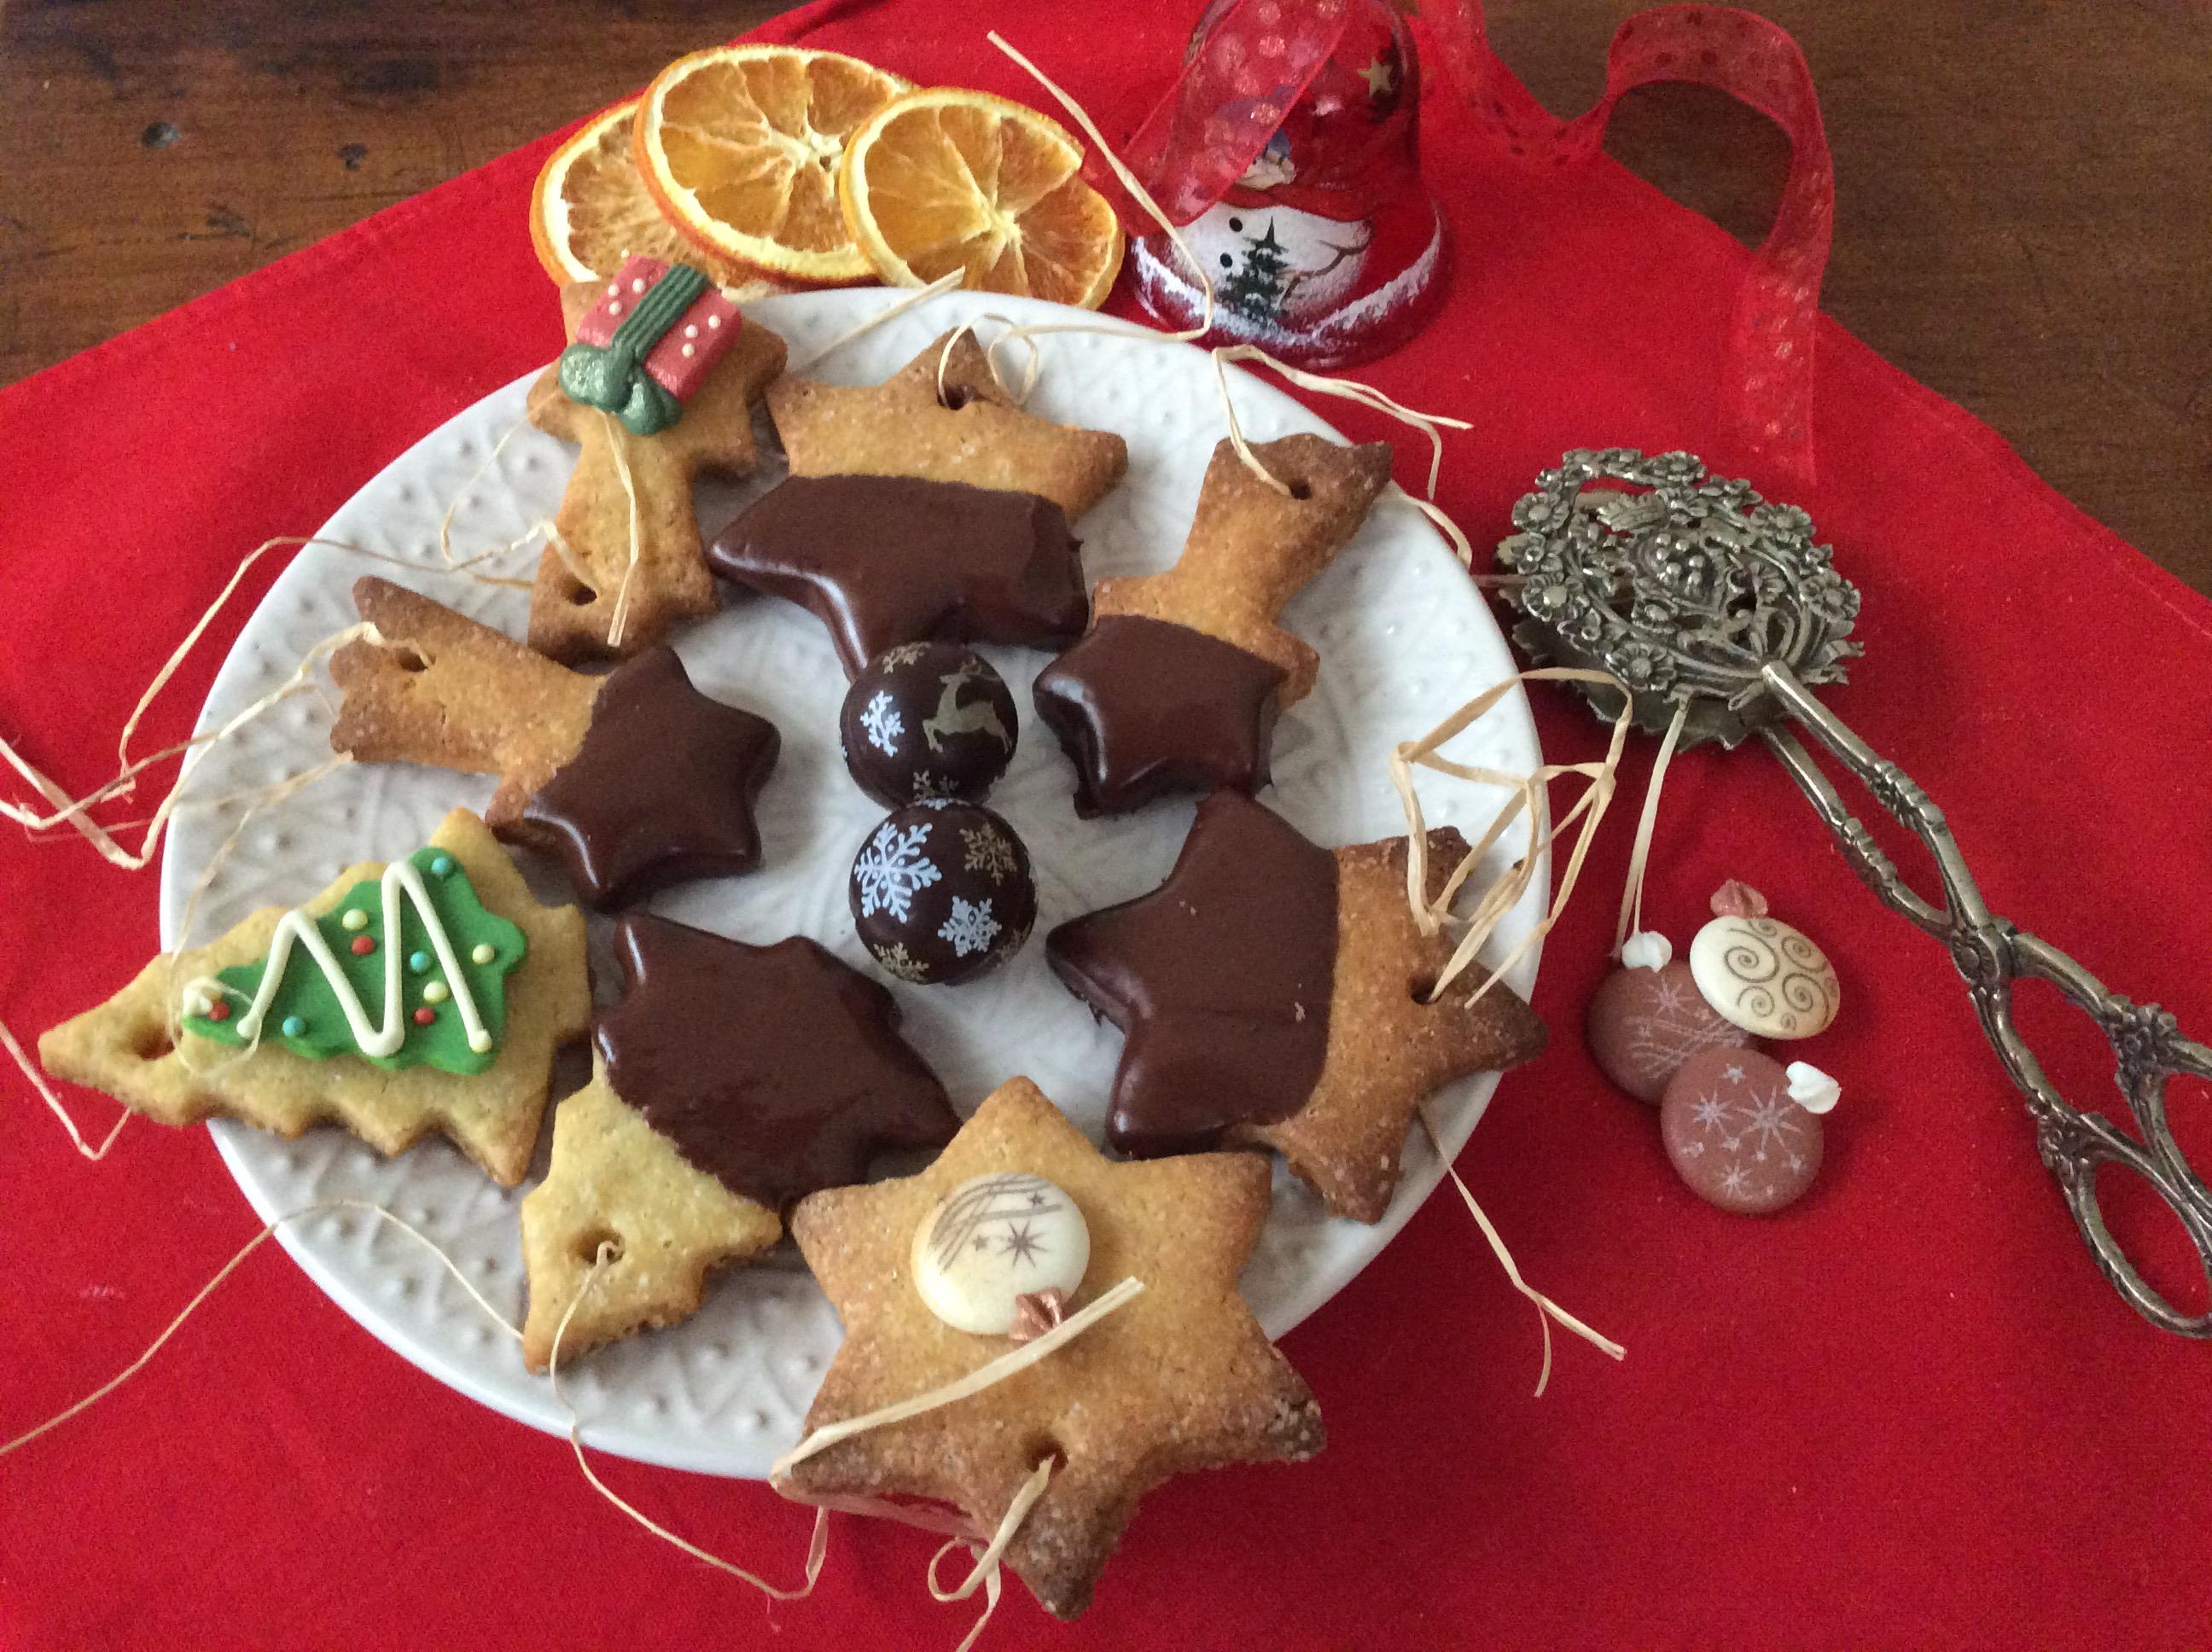 Biscotti Di Natale Ricette Giallo Zafferano.Biscotti Di Natale Con Semola Di Grano Duro Ricette Di